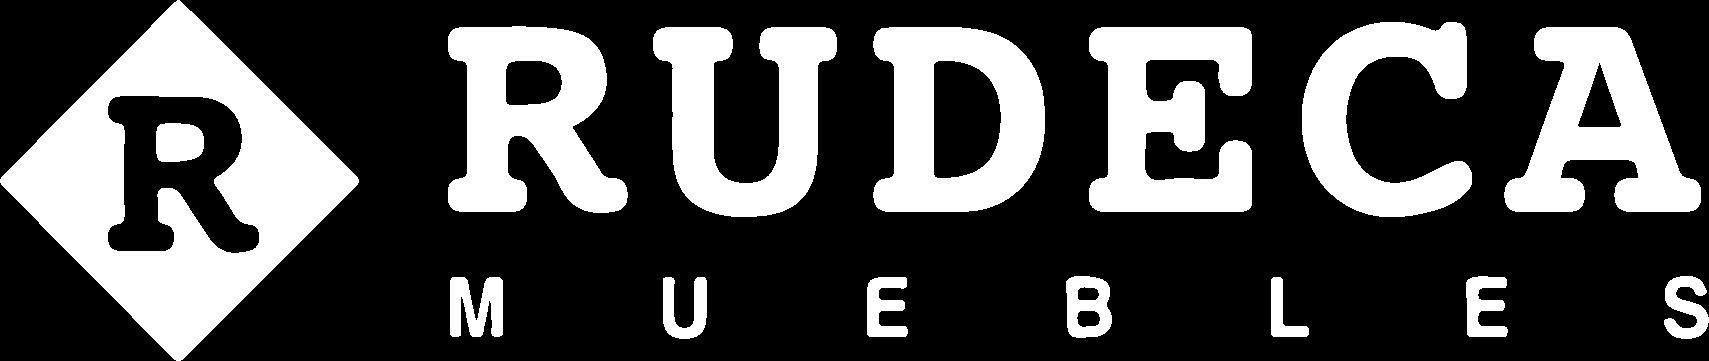 Muebles Rudeca